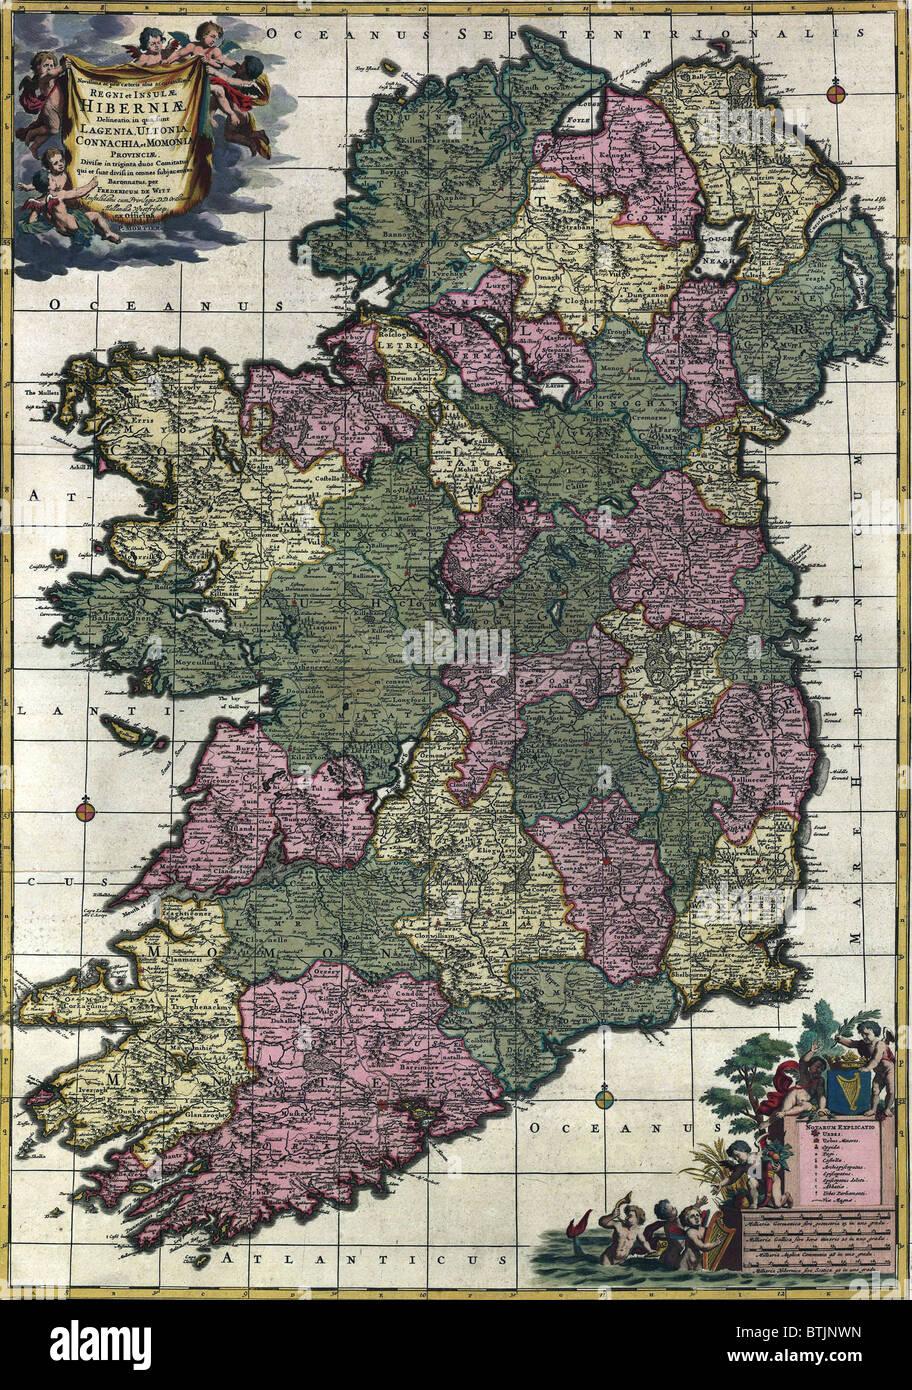 Mapa de Irlanda del siglo XVIII, mostrando, cuando todos los condados de Irlanda estaba bajo el dominio británico. Foto de stock